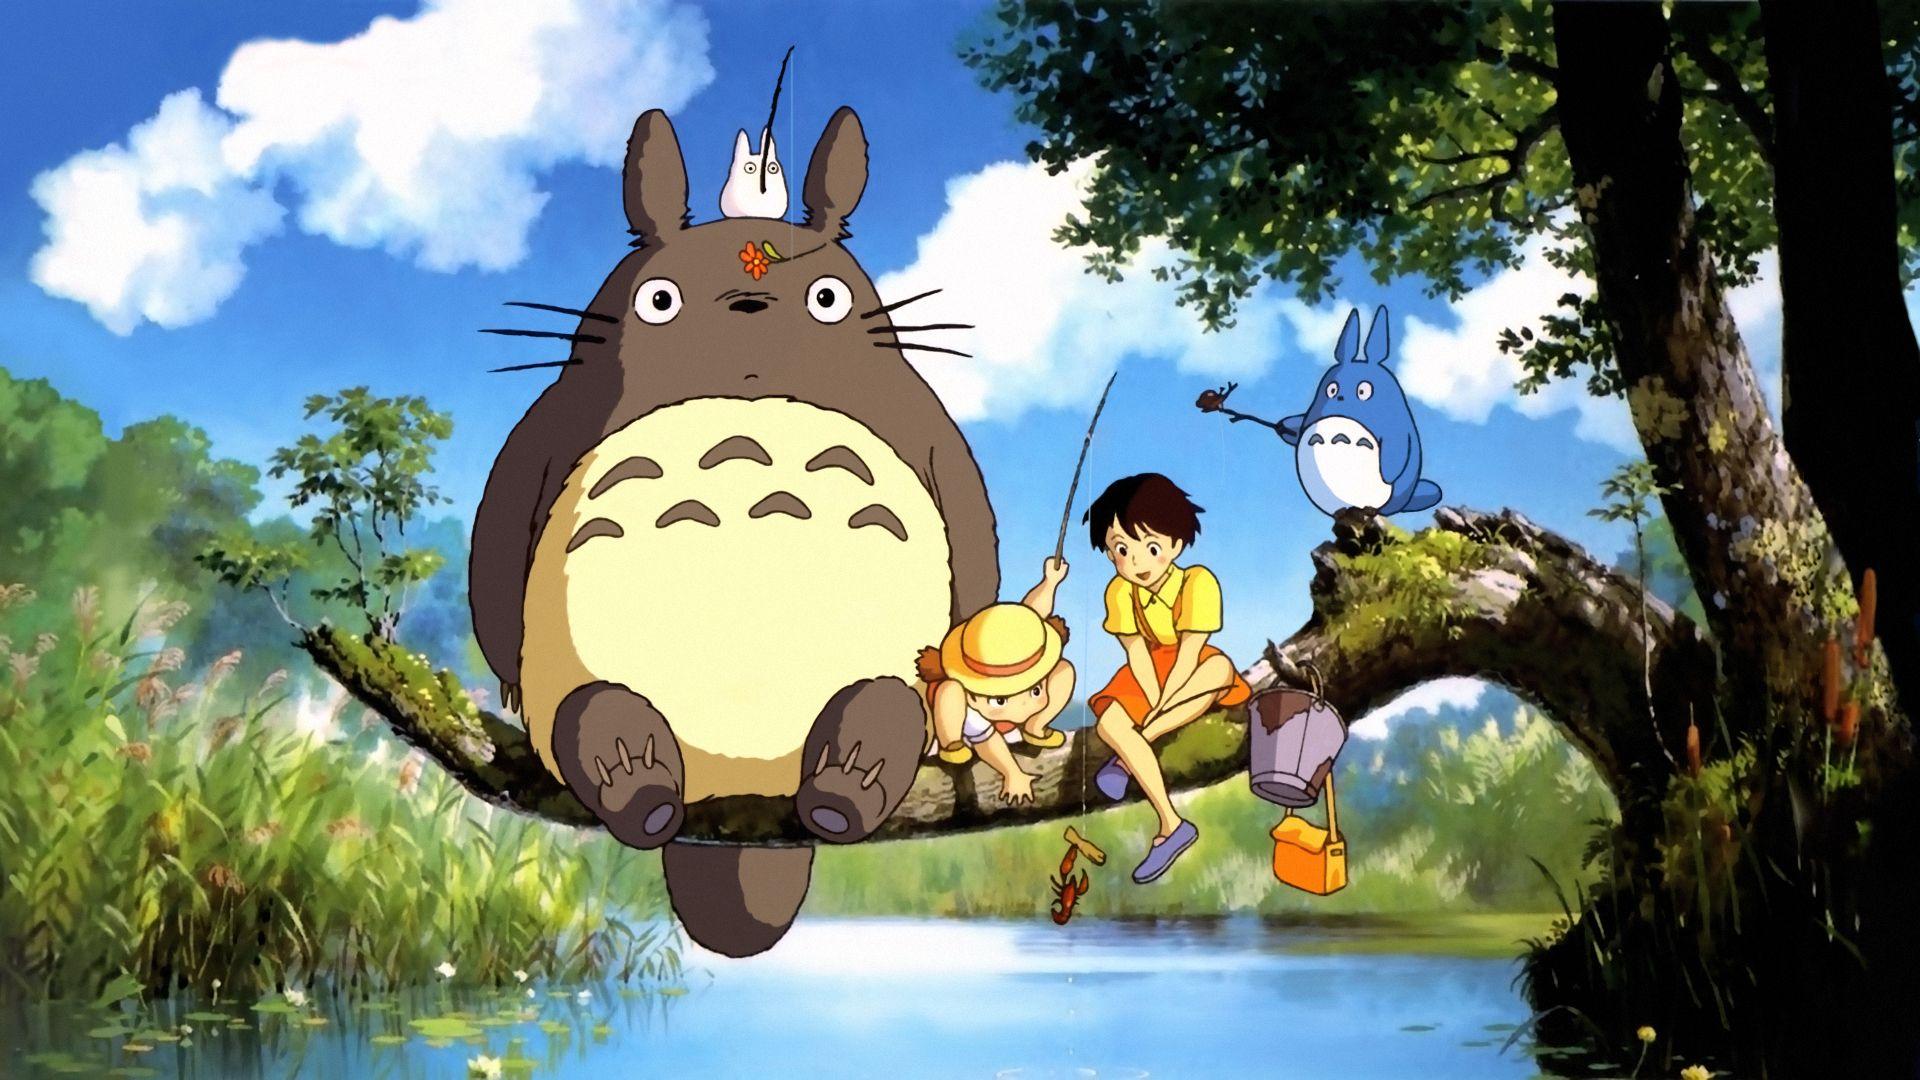 My Neighbor Totoro Tonari No Totoro となりのトトロ Ghibli